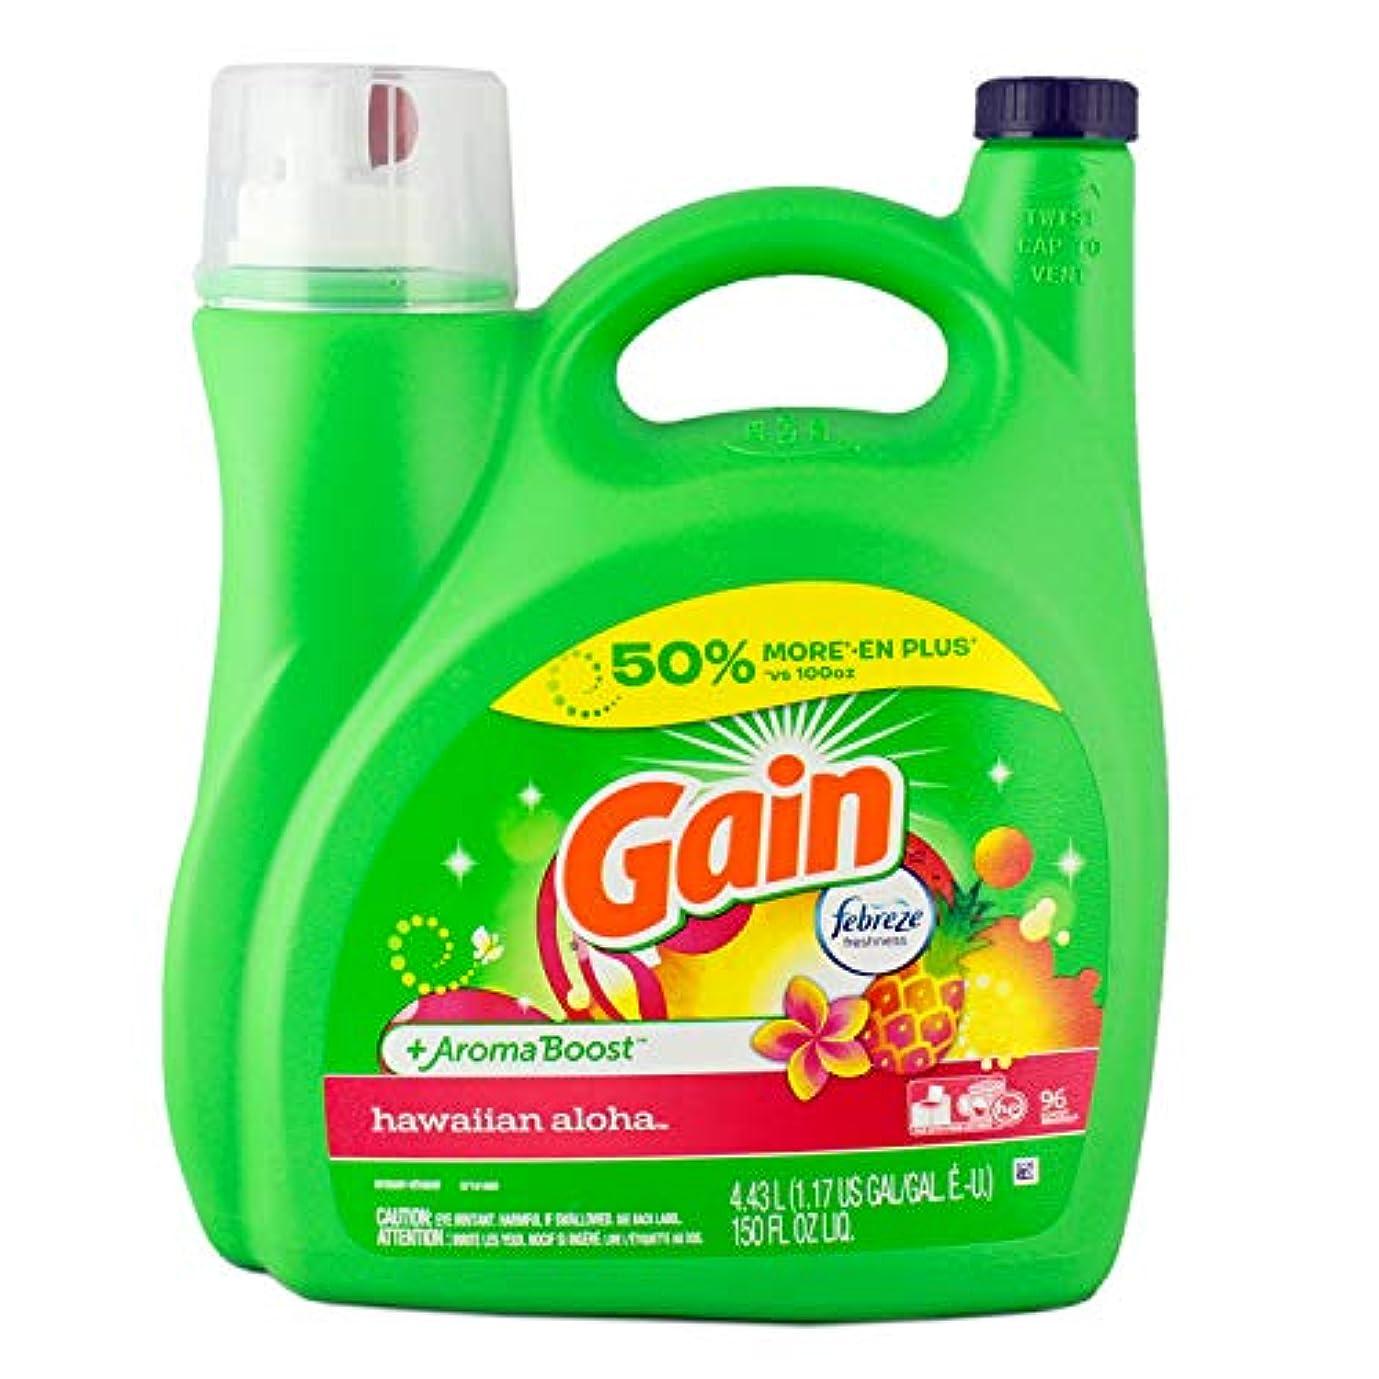 相談義務づける自殺【GAIN】ゲイン洗濯洗剤 ウィズファブリーズ【ハワイアンアロハ】72回分(150oz 4430ml)